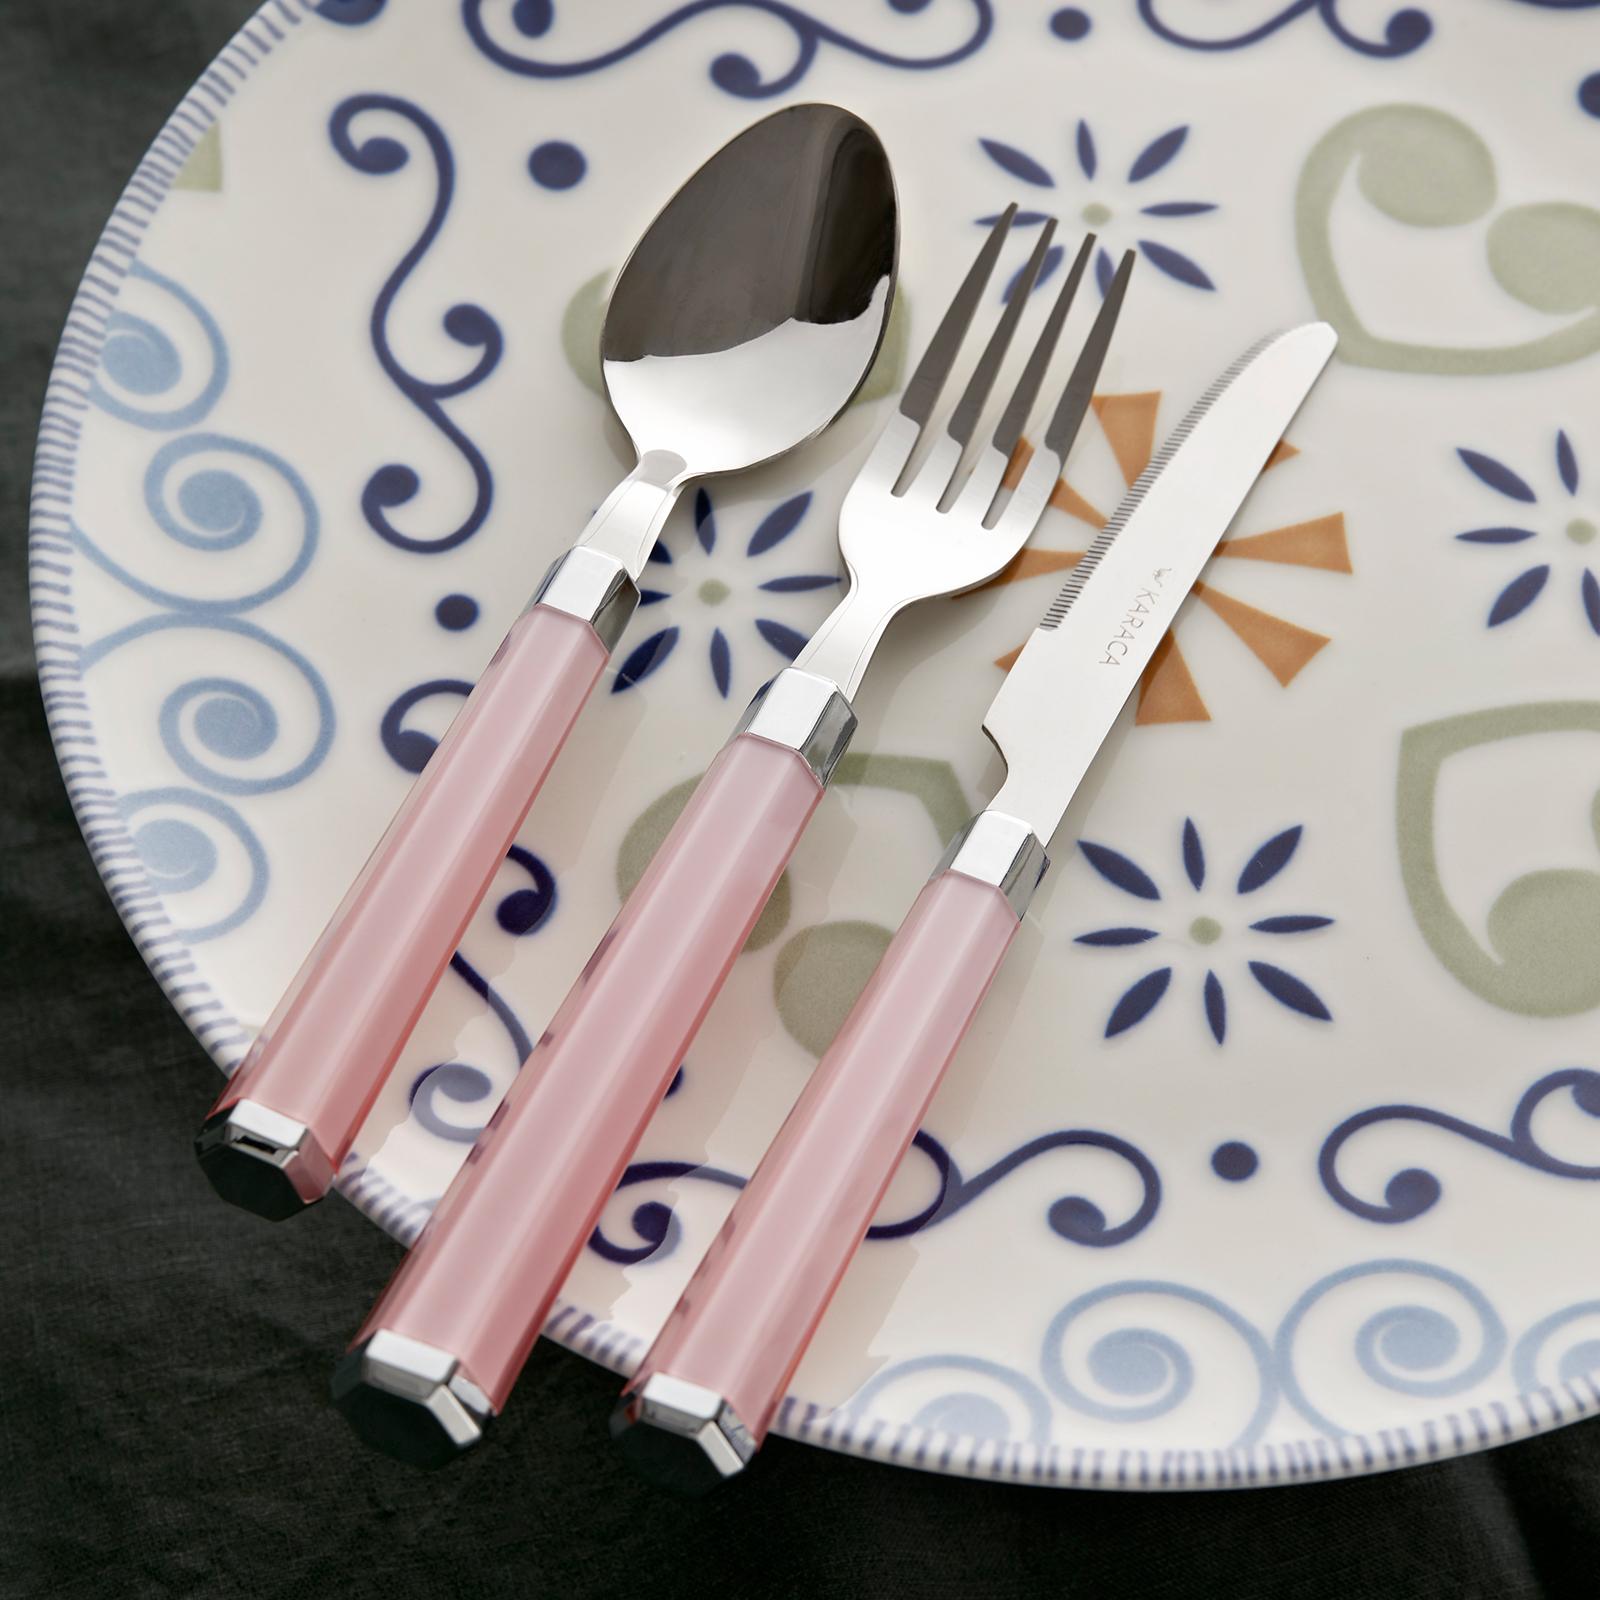 Karaca Freya Pembe 18 Parça 6 Kişilik Çatal Kaşık Bıçak Seti